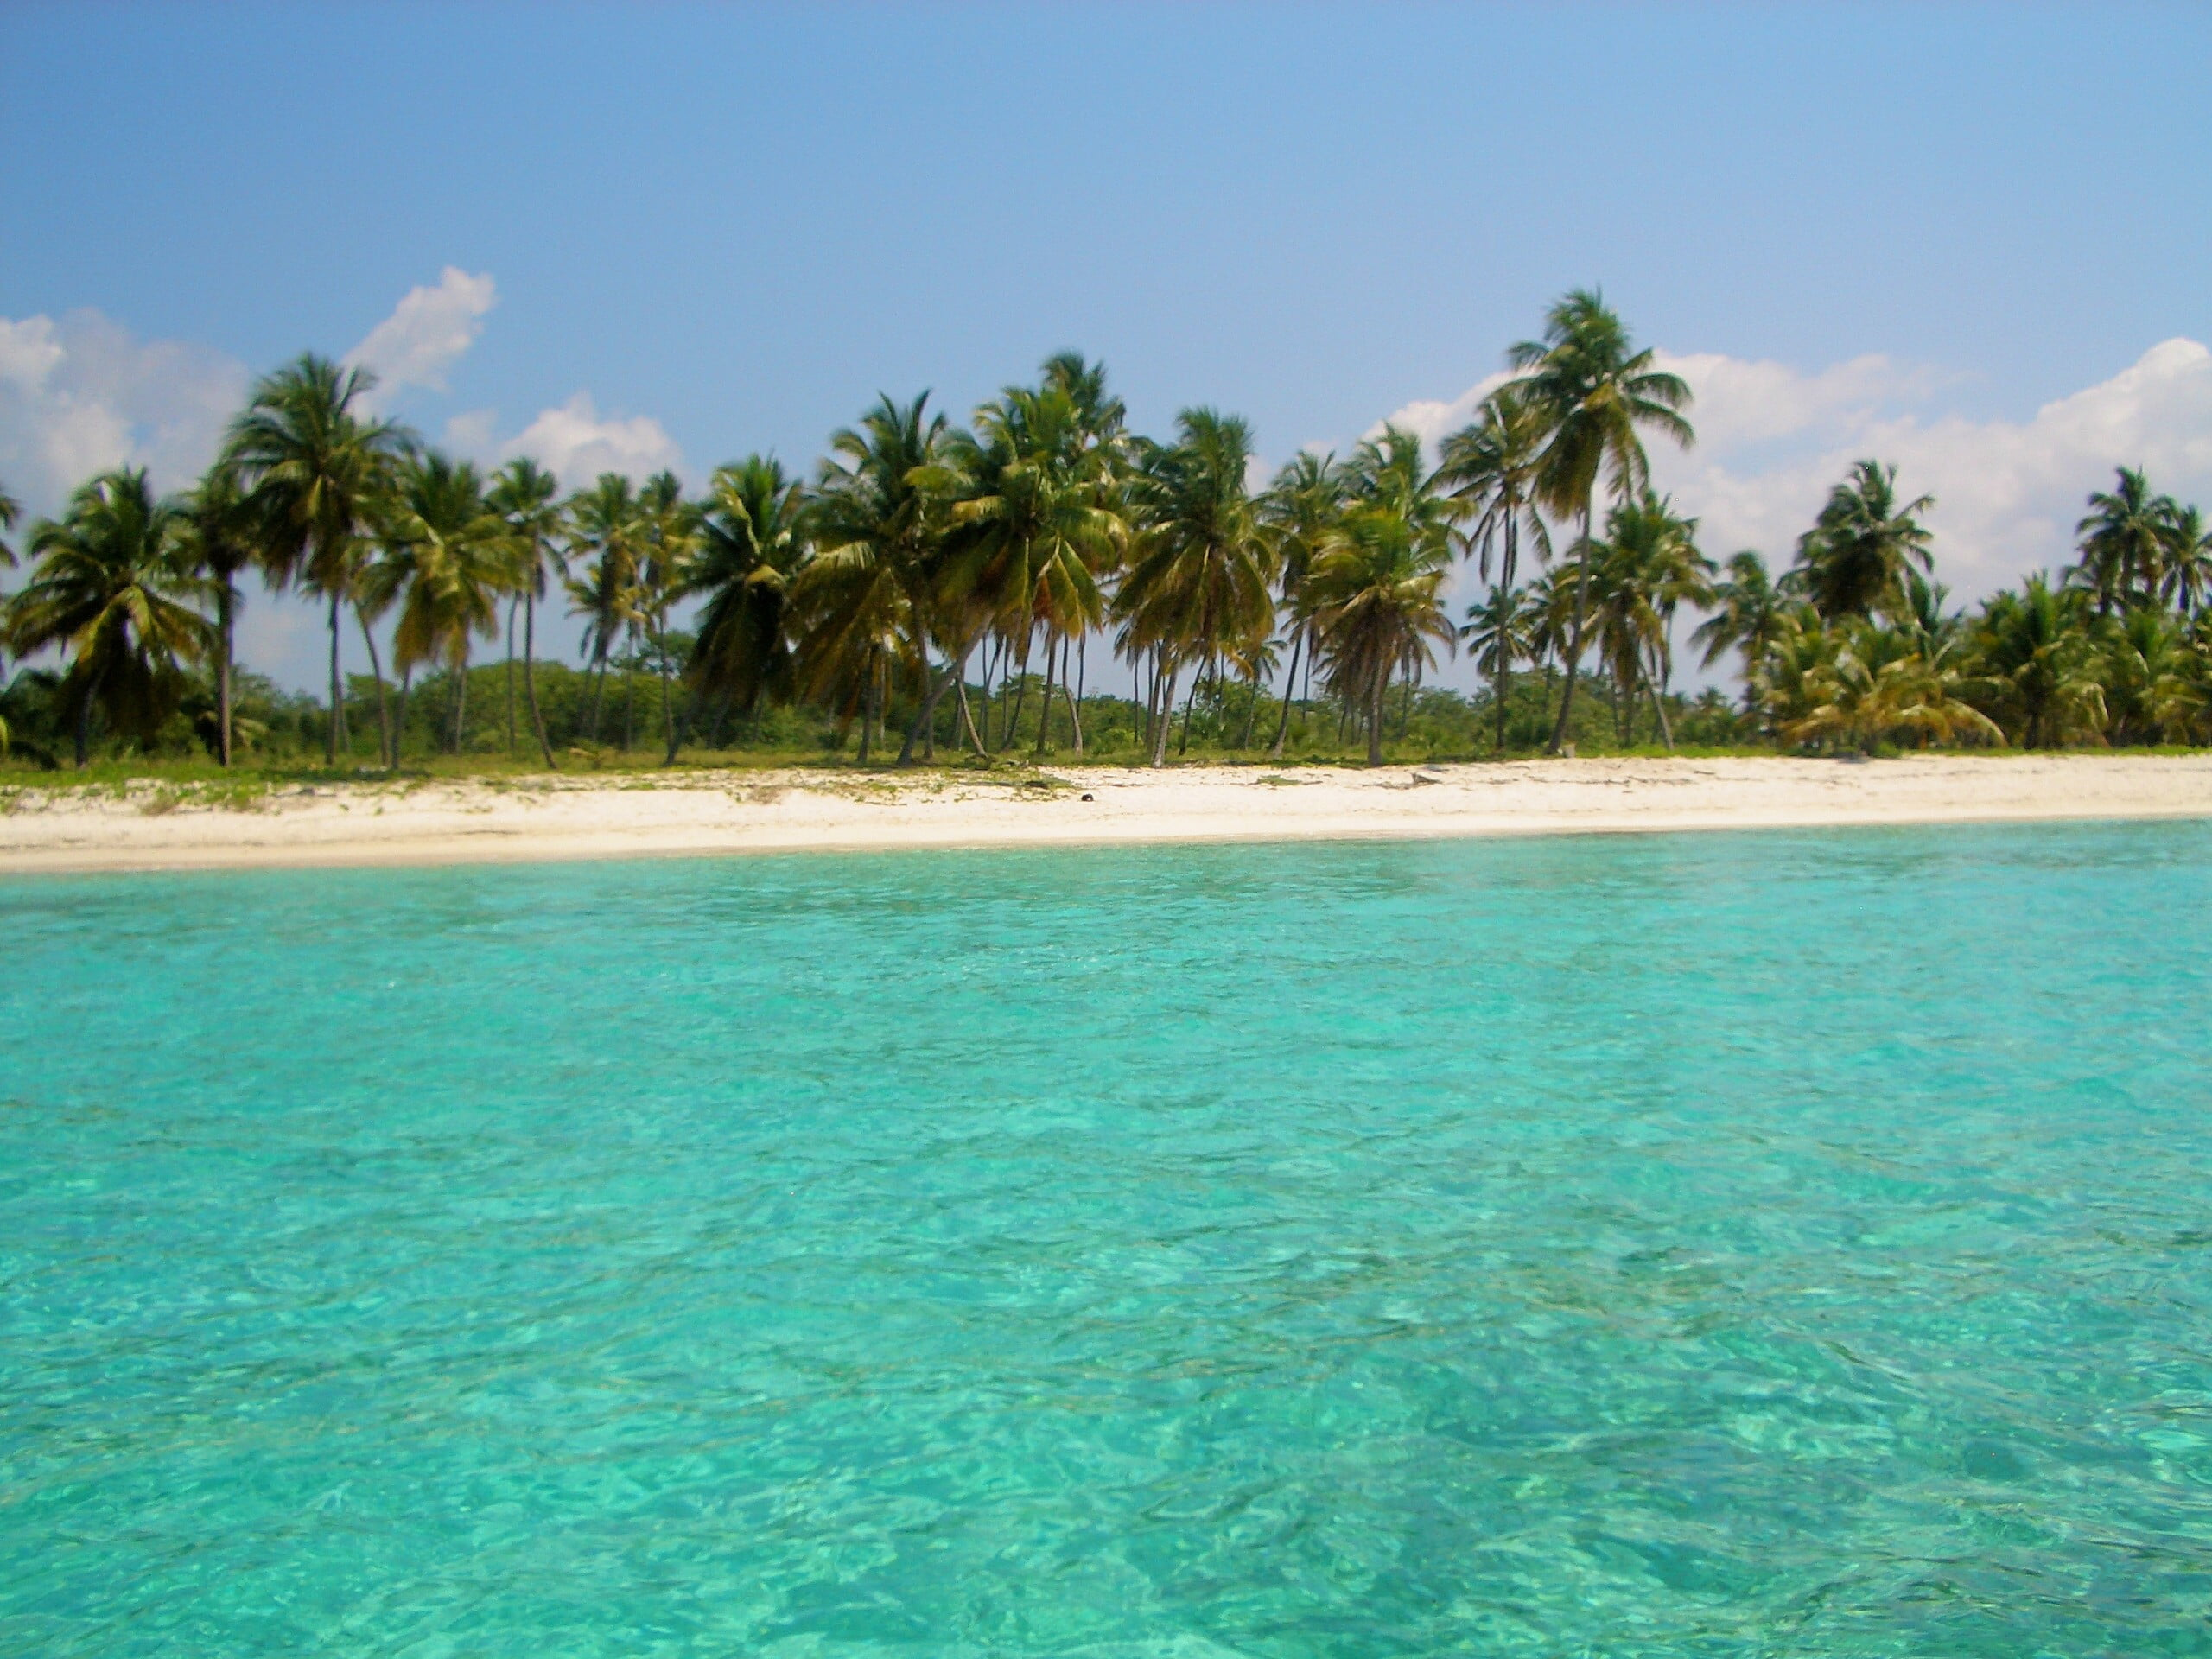 ISOLA DI SAONA REPUBBLICA DOMINICANA escursione da BAYAHIBE